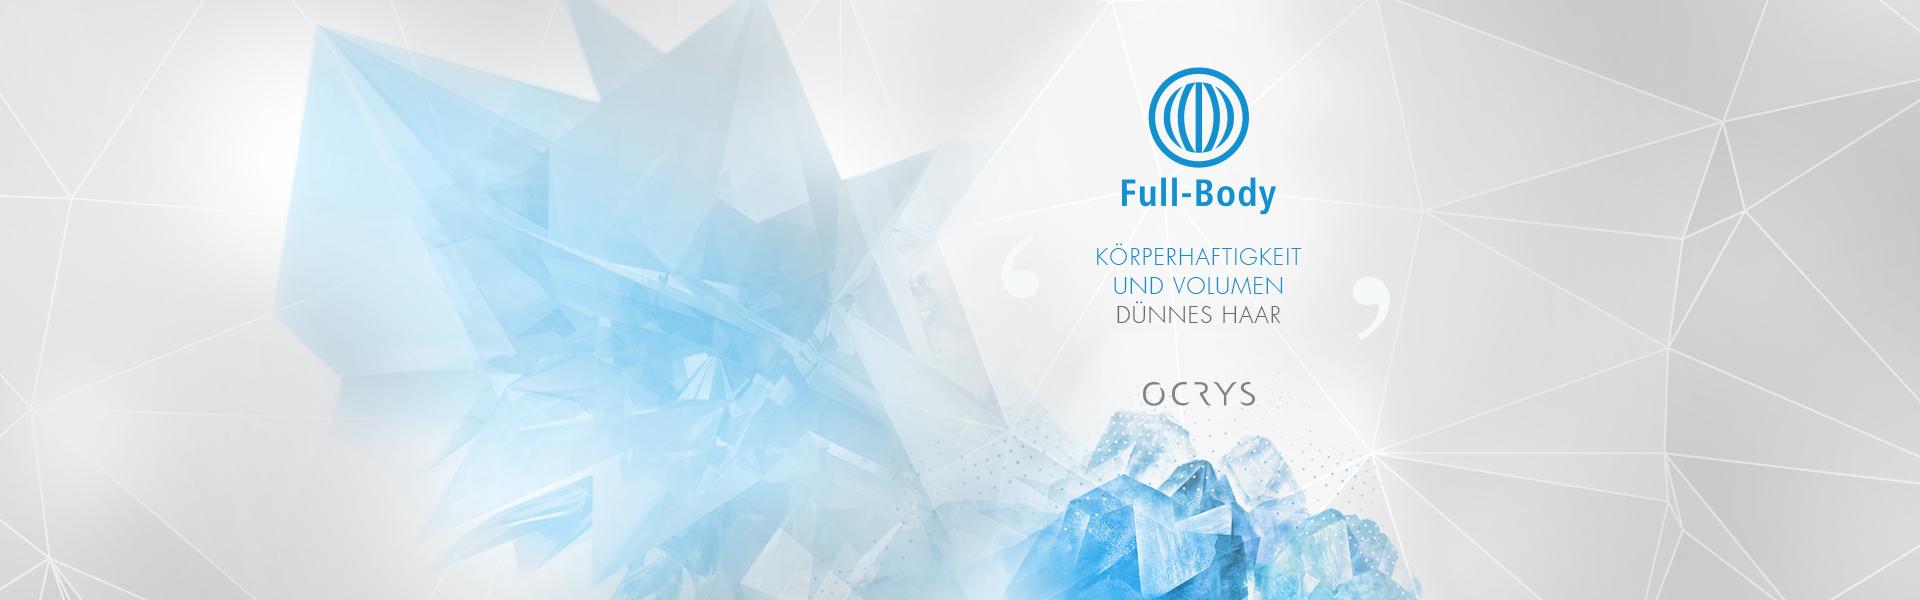 banner_centrali_FULL-BODY_DE